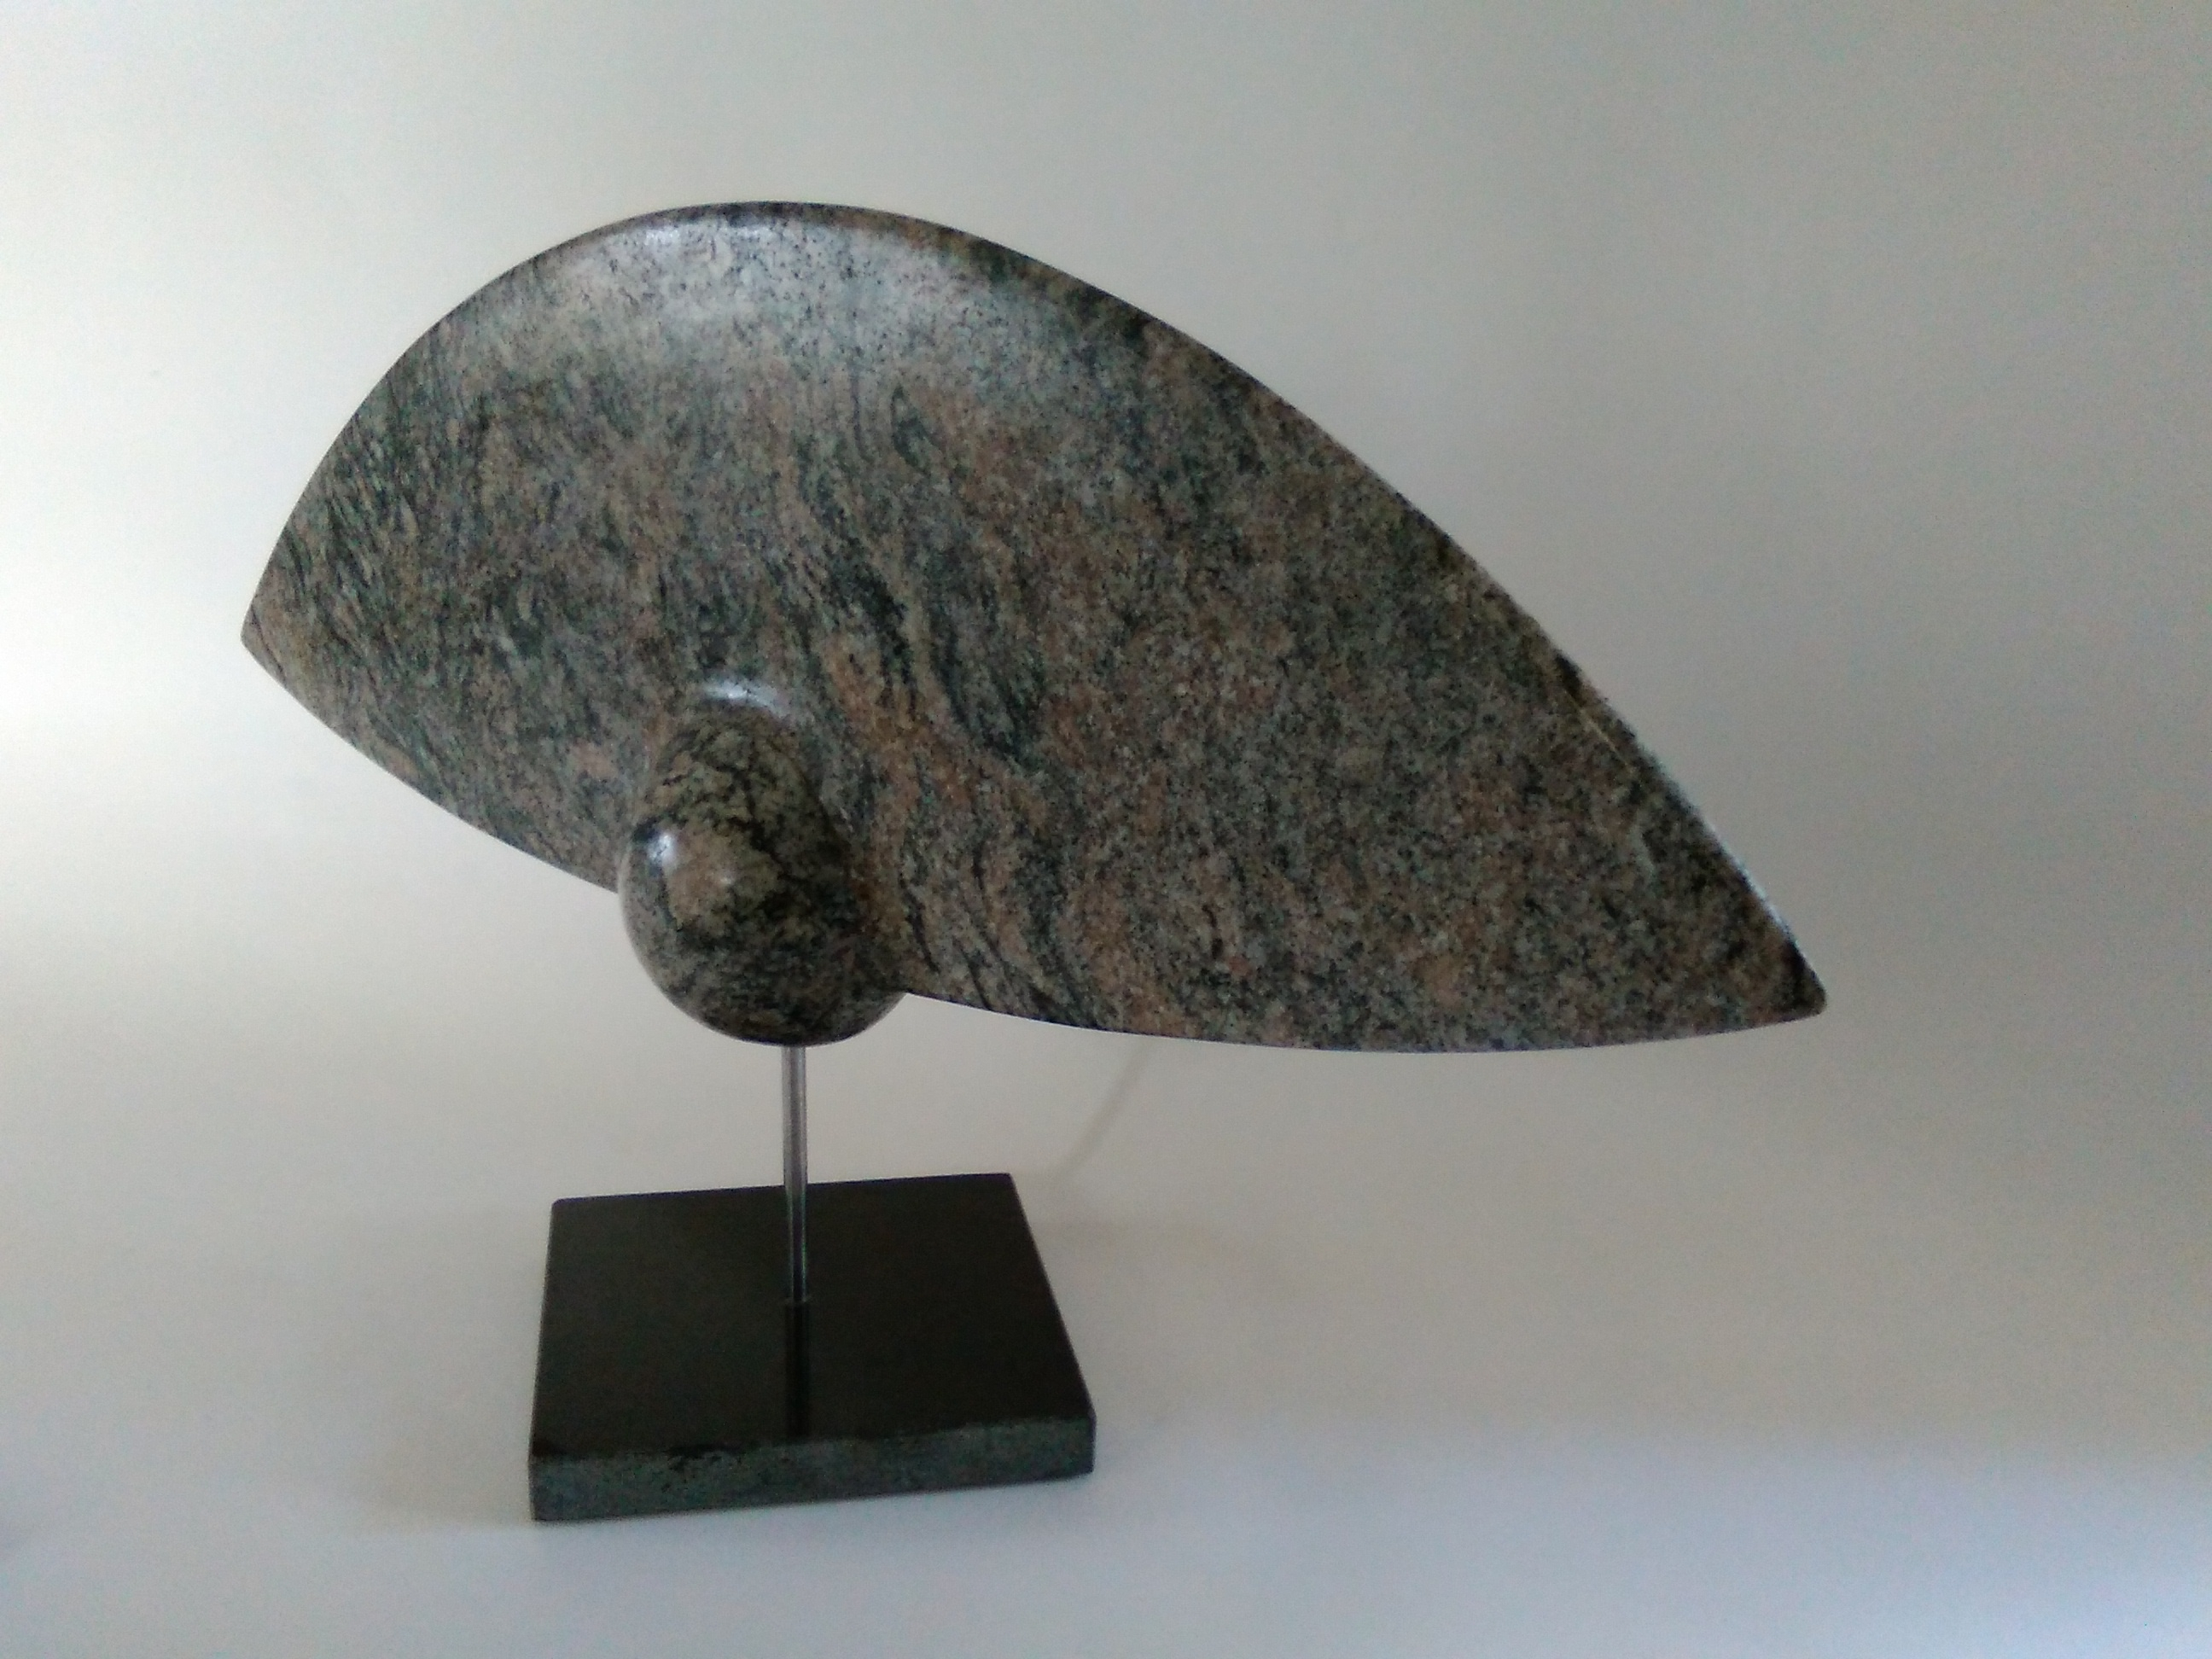 Semilla voladora 1 2 for Granito brasileno precio